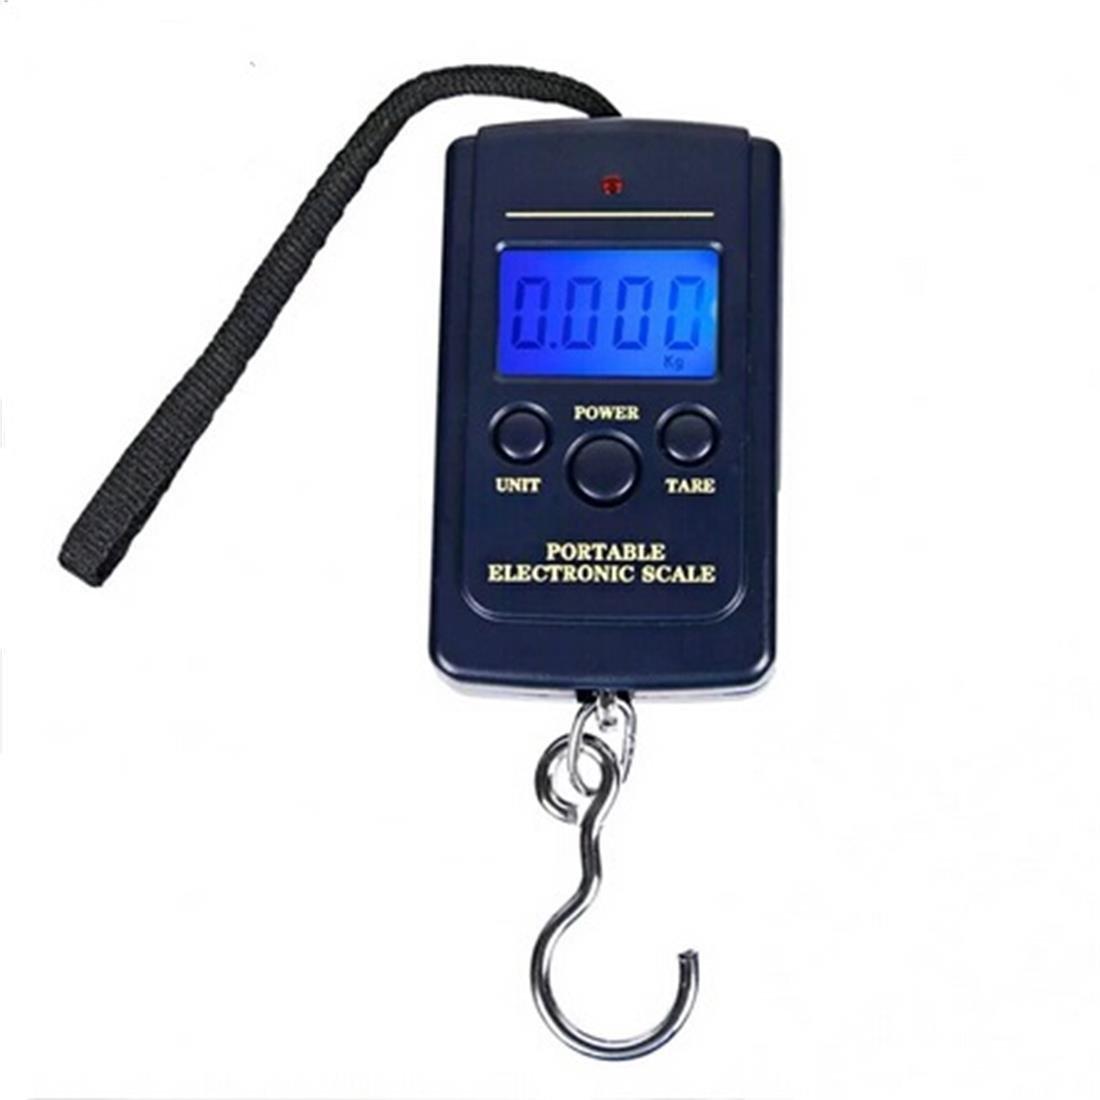 Electrónico Báscula De Mano Colgar Equipaje 40kg con Luz de Fondo para Pesca, Maletas, Equipaje de Viaje Azul DZC01 Glield